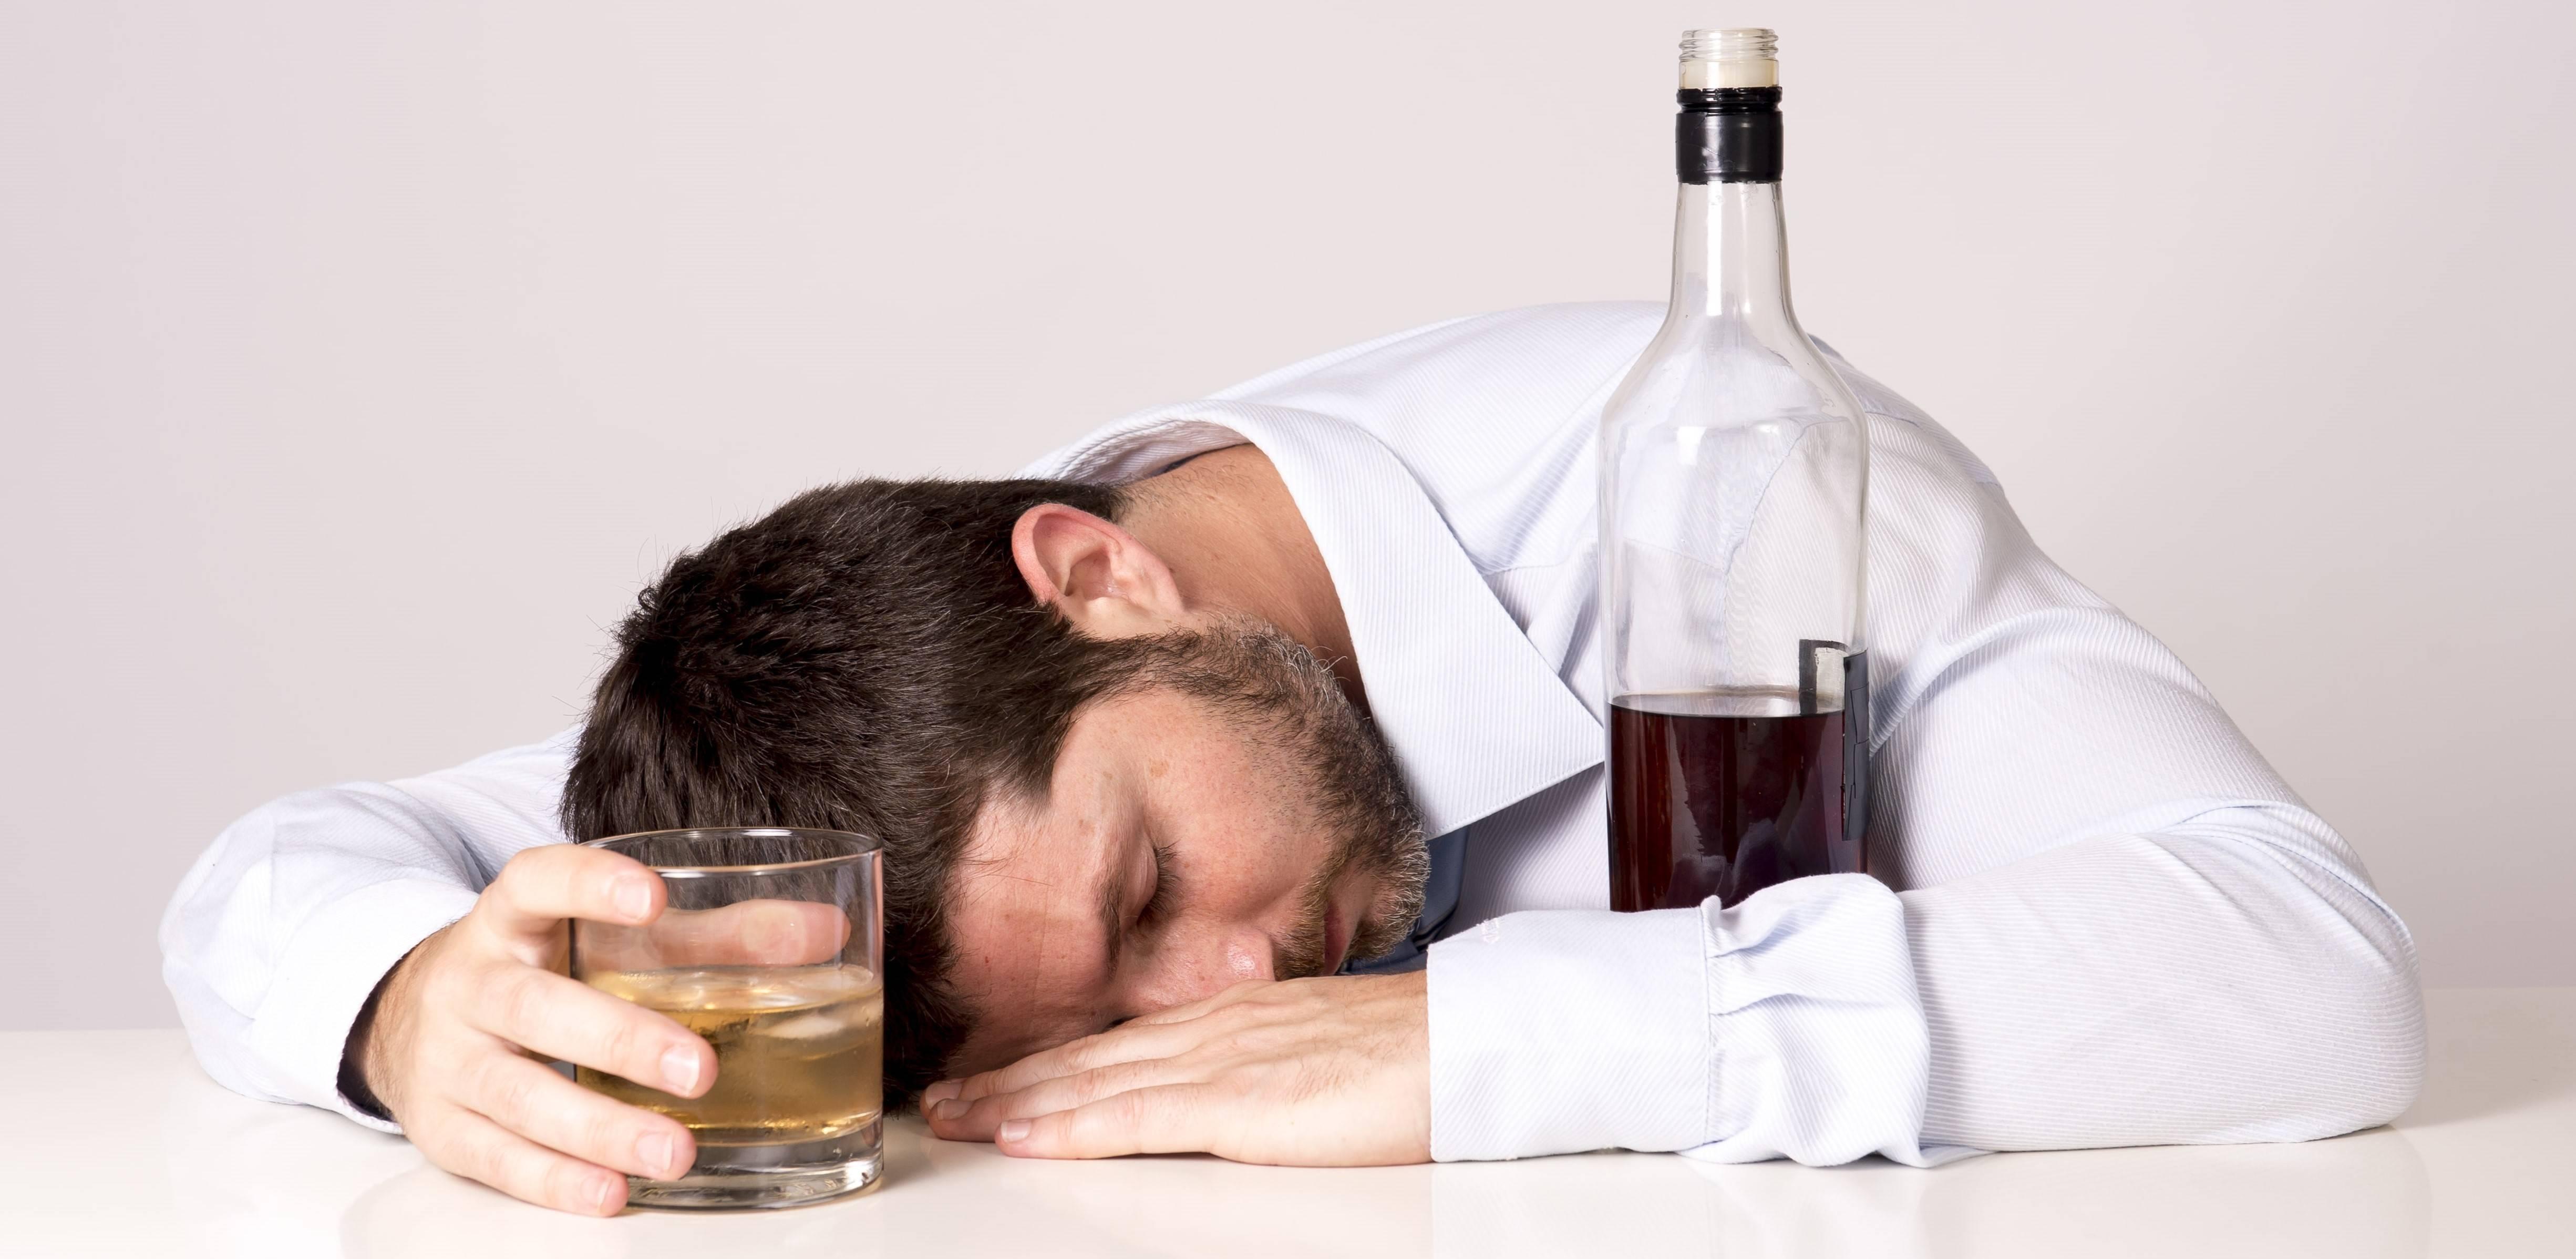 Хронический алкоголизм: симптомы и лечение заболевания